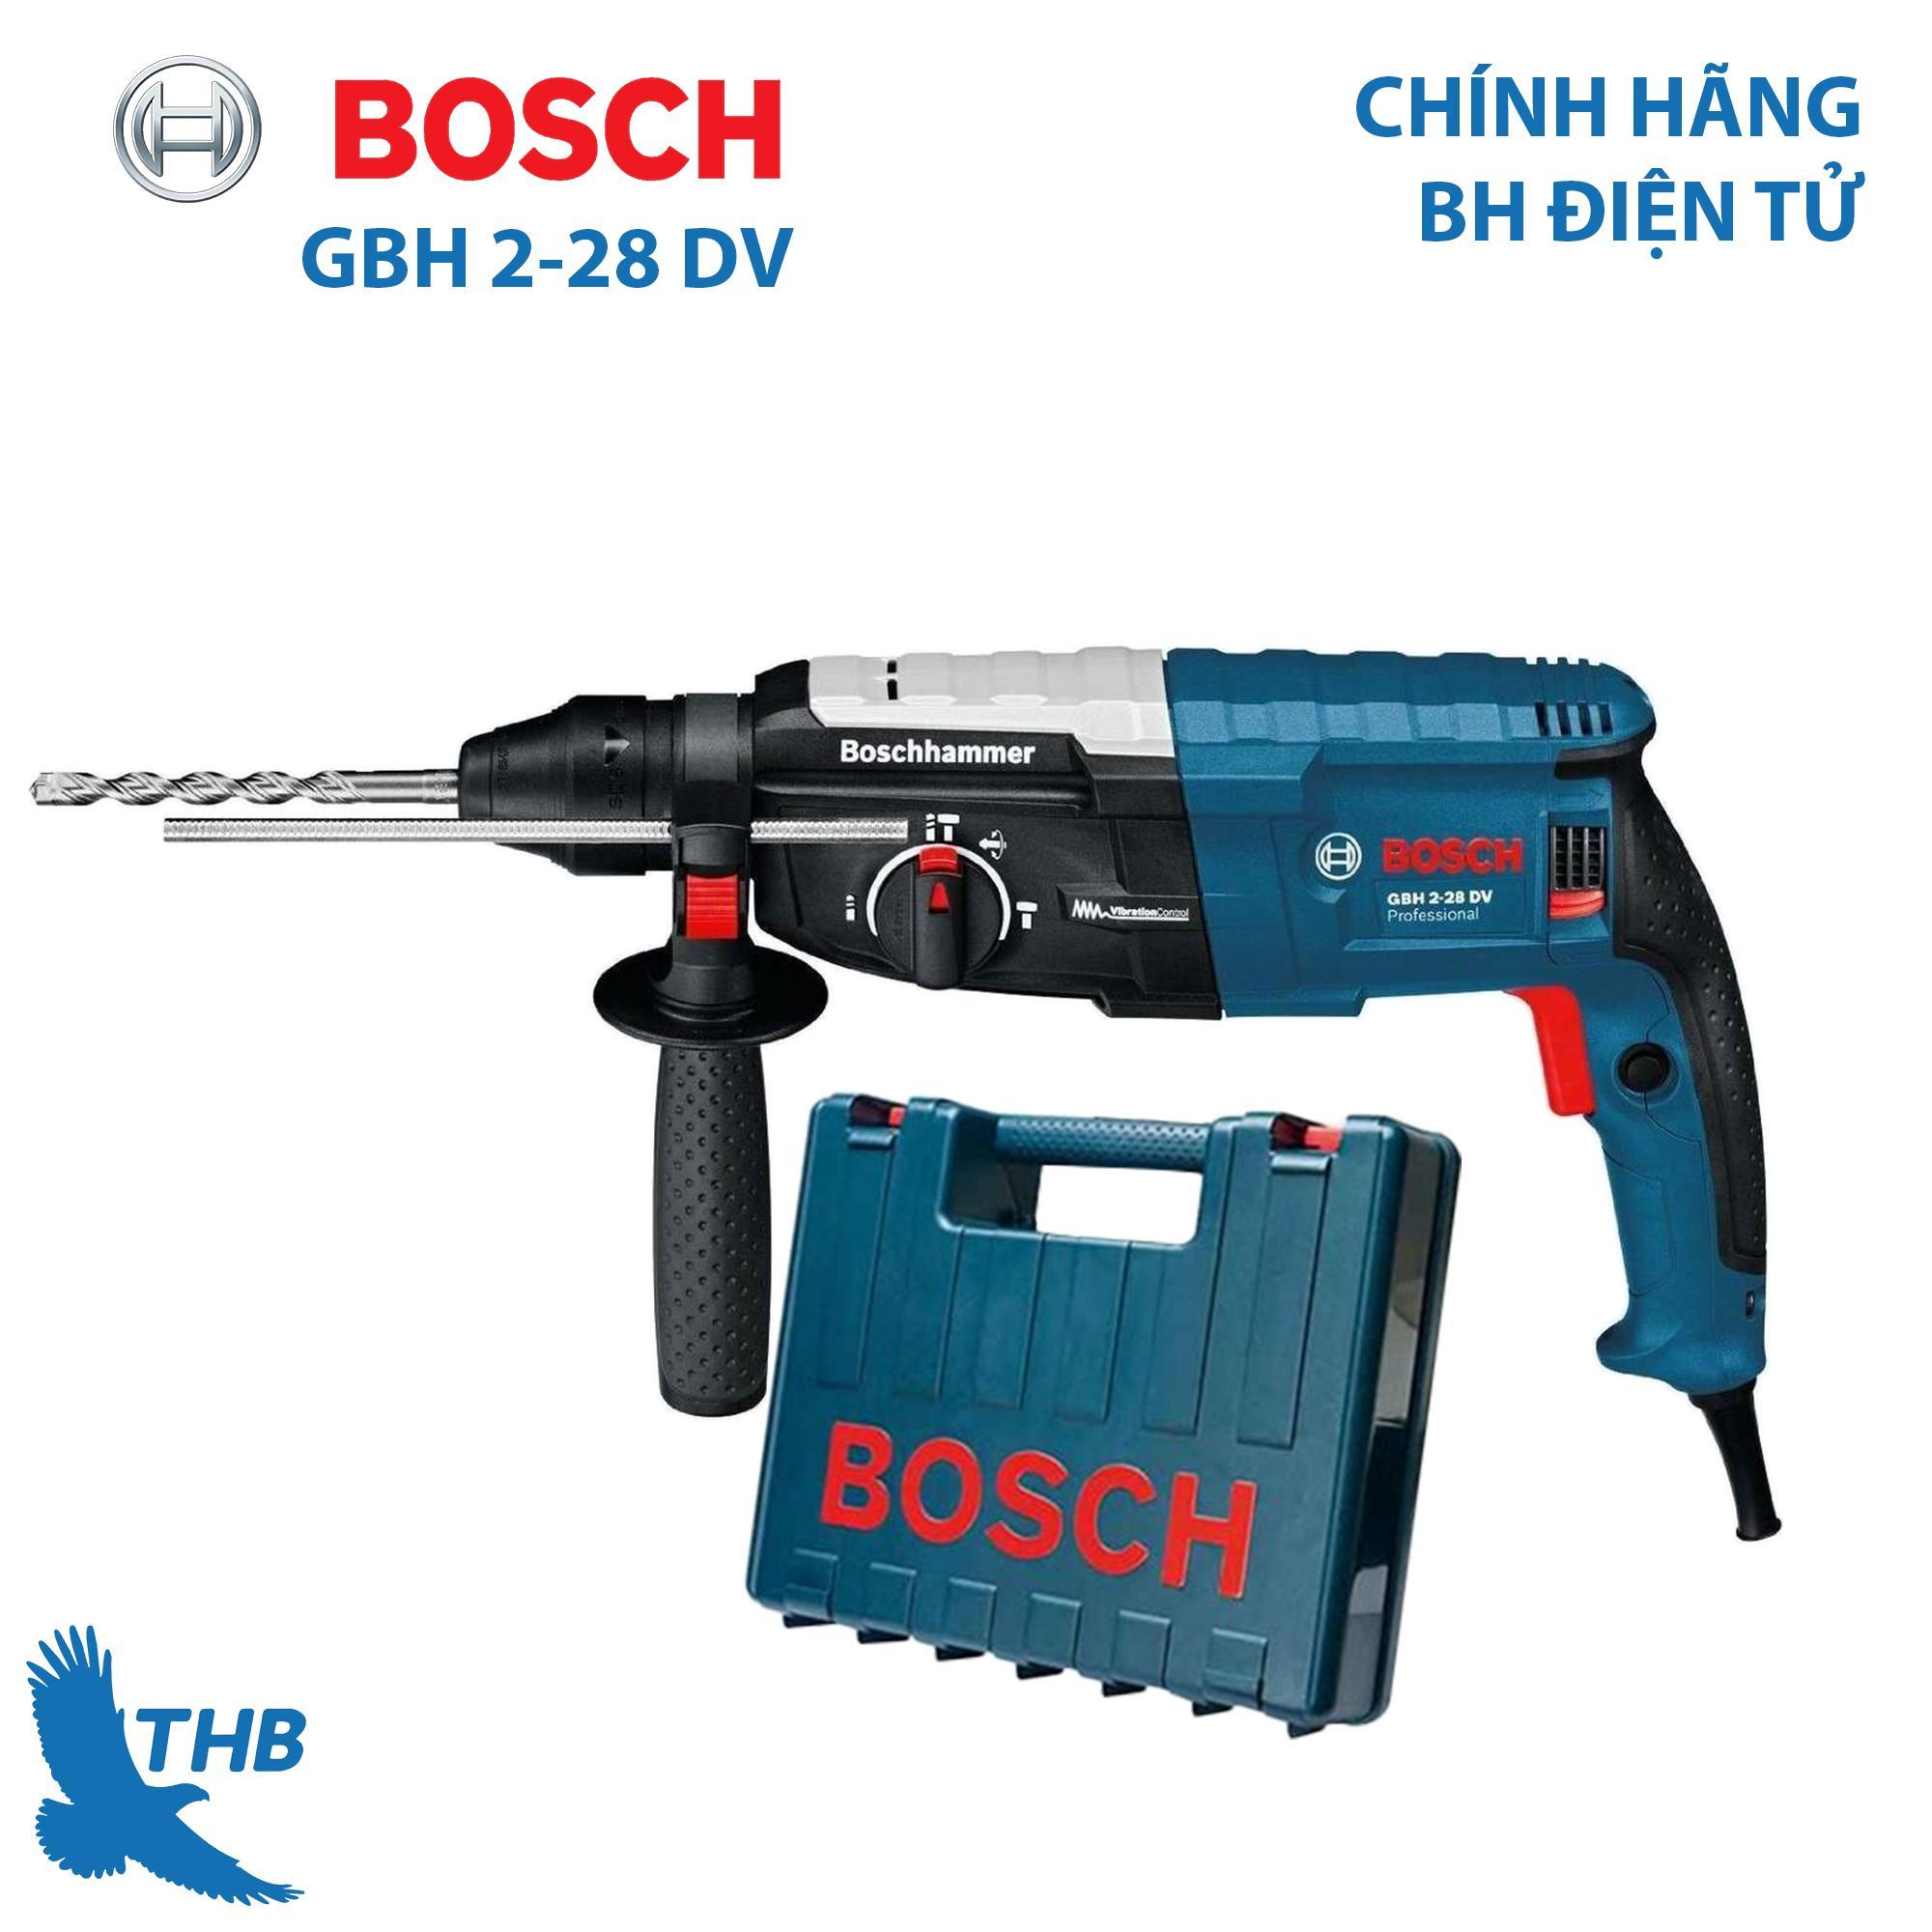 Máy khoan búa Máy khoan đục bê tông Bosch GBH 2-28 DV Công suất 850W Mũi khoan búa 28mm Bảo hành 12 tháng Chống rung